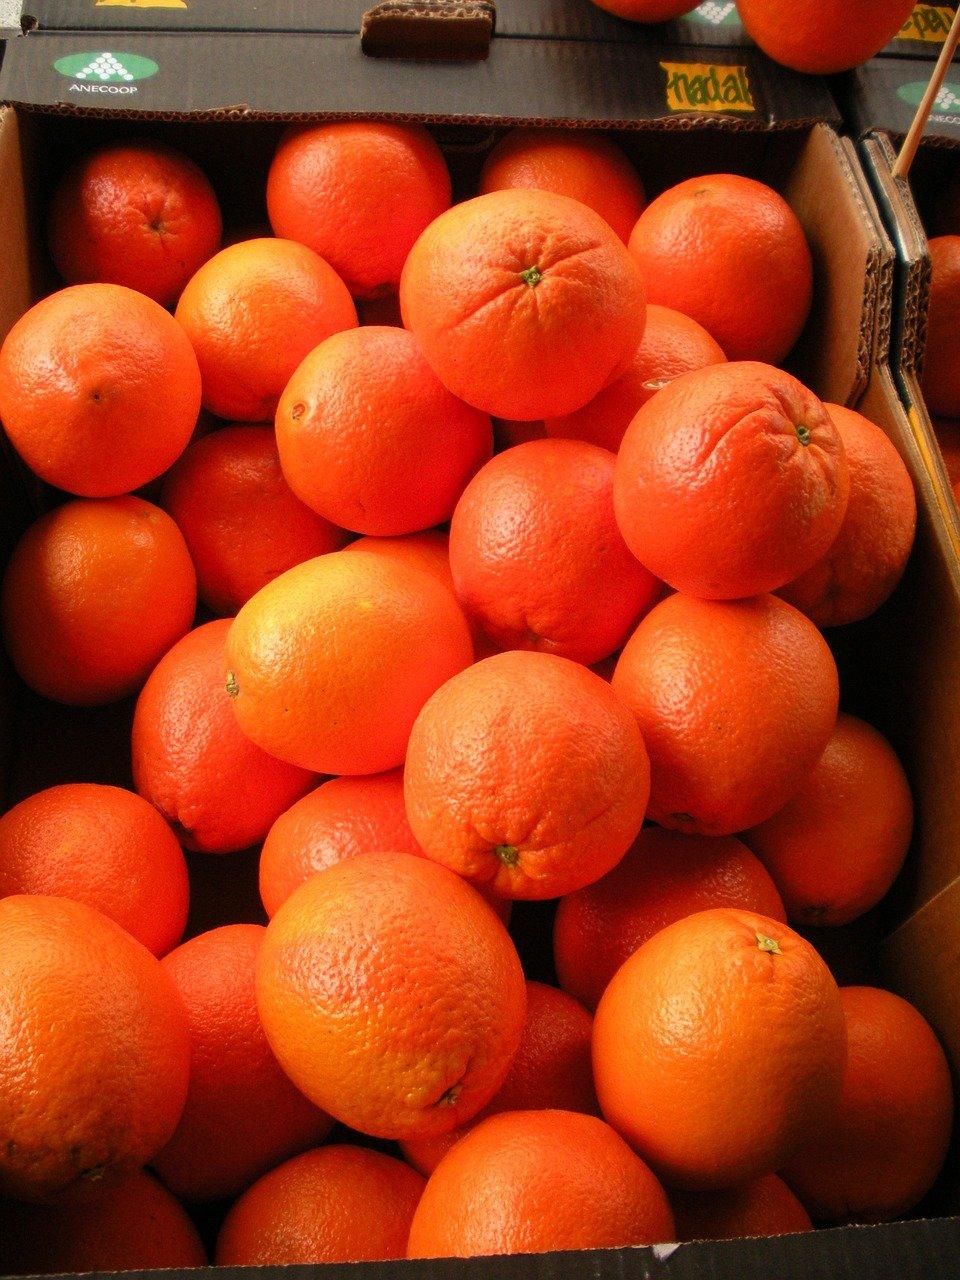 frutería, cajón de frutas, naranjas